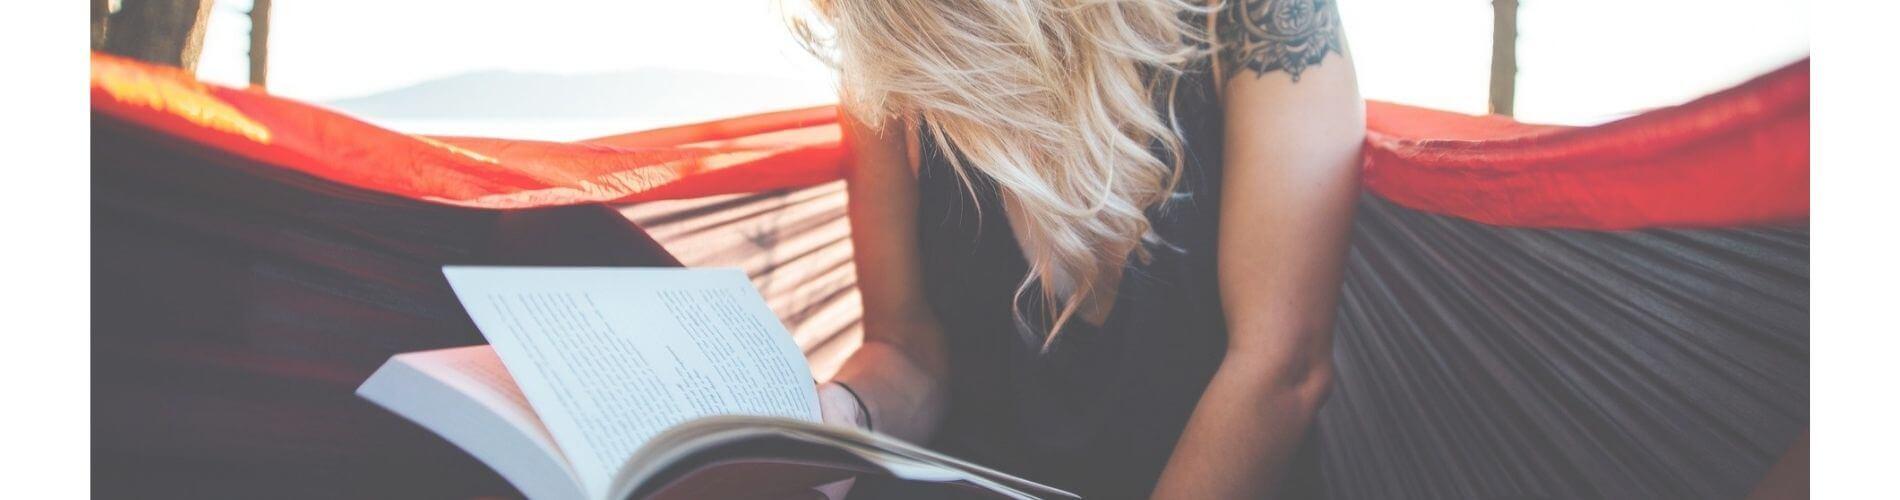 Los 11 mejores consejos para leer 100 libros al año